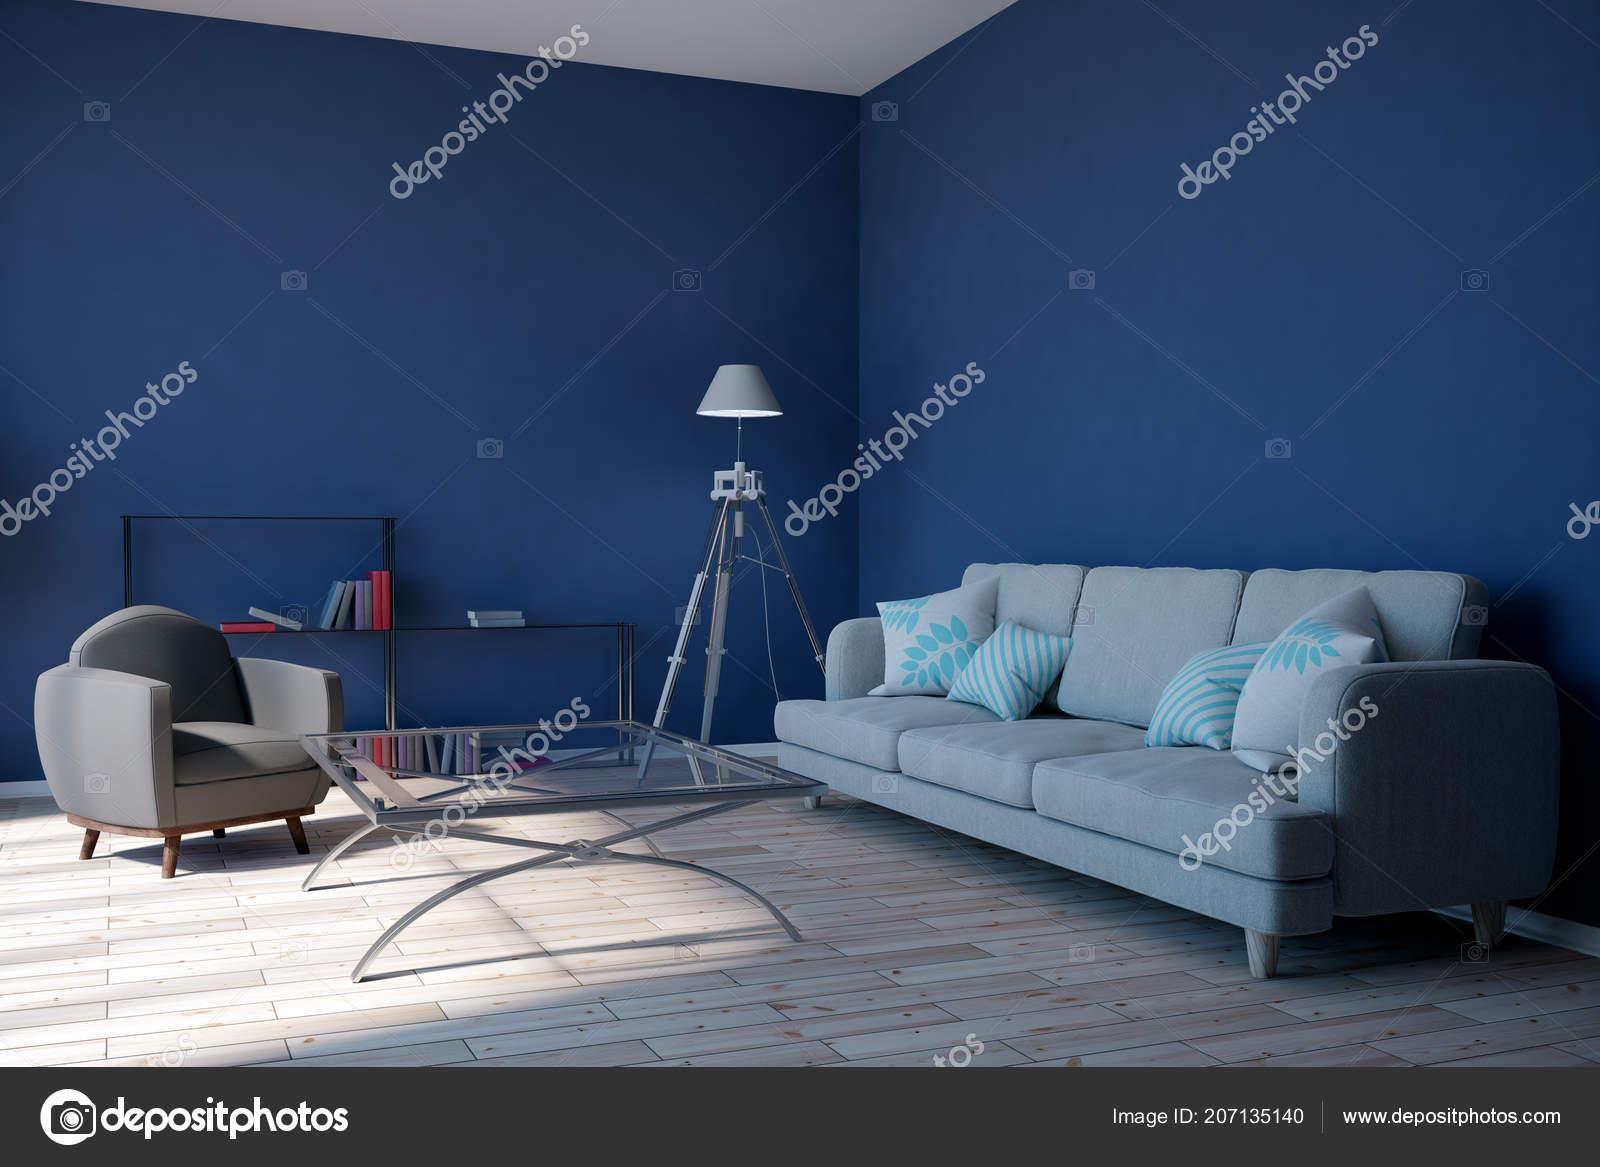 Moderne Blaue Wohnzimmer Einrichtung Mit Möbeln Und ...